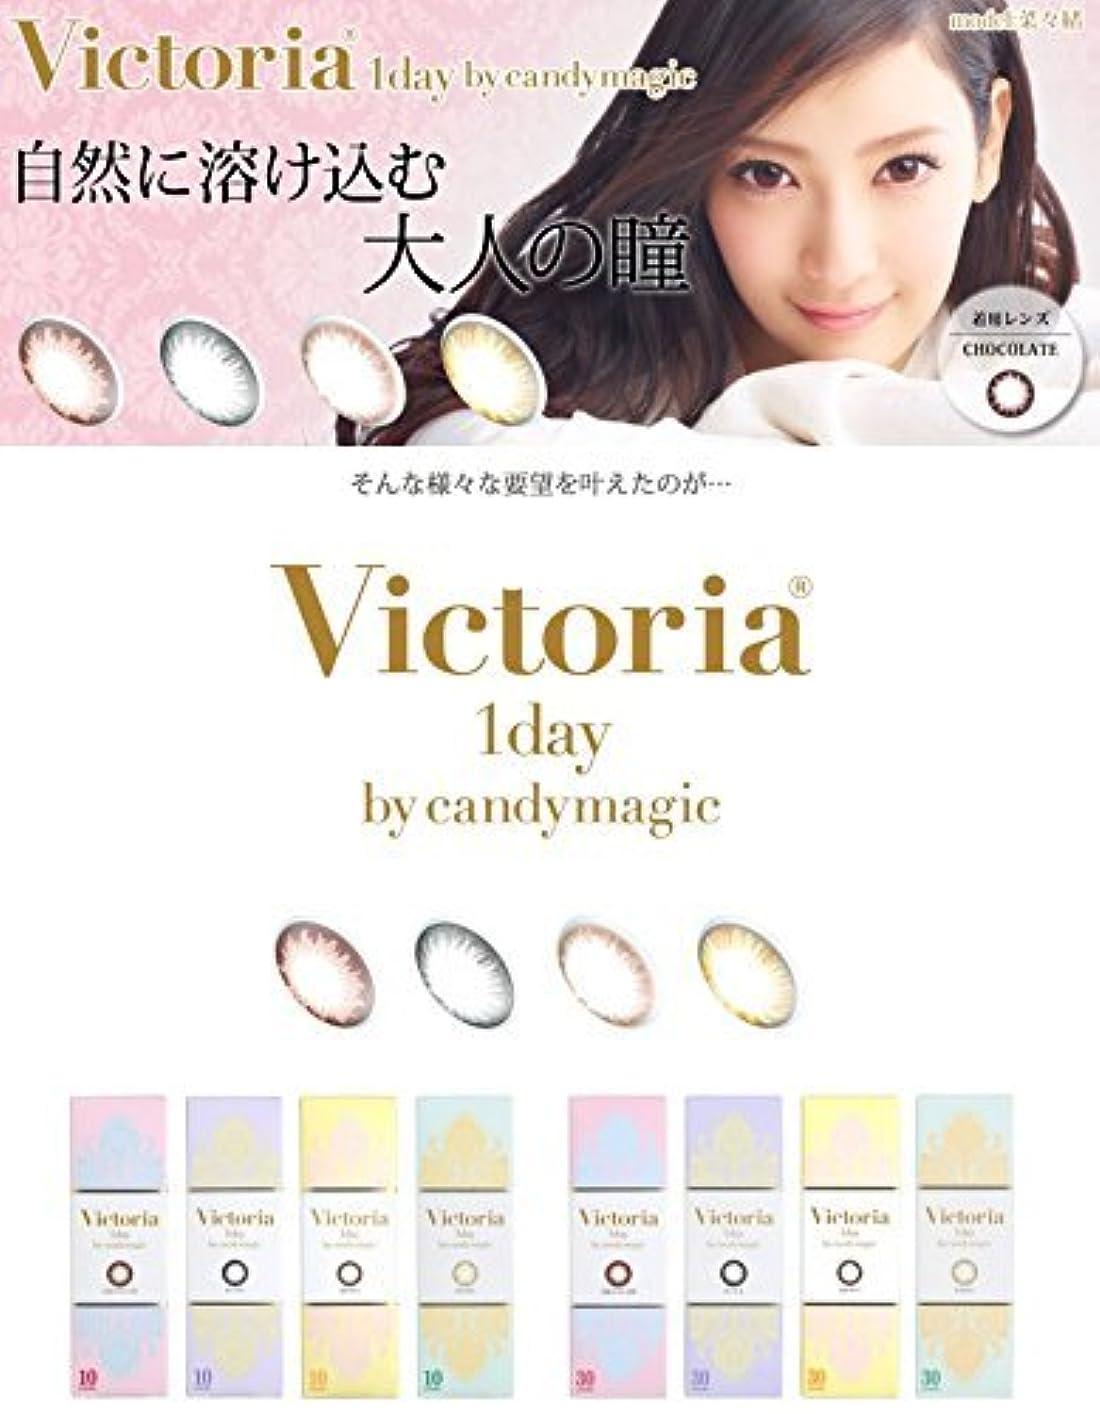 ダウンタウン前提条件便利Victoria 1day by candy magic(ヴィクトリア ワンデー) HAZEL(ヘーゼル) 10枚入り 2箱セット HAZEL -3.25